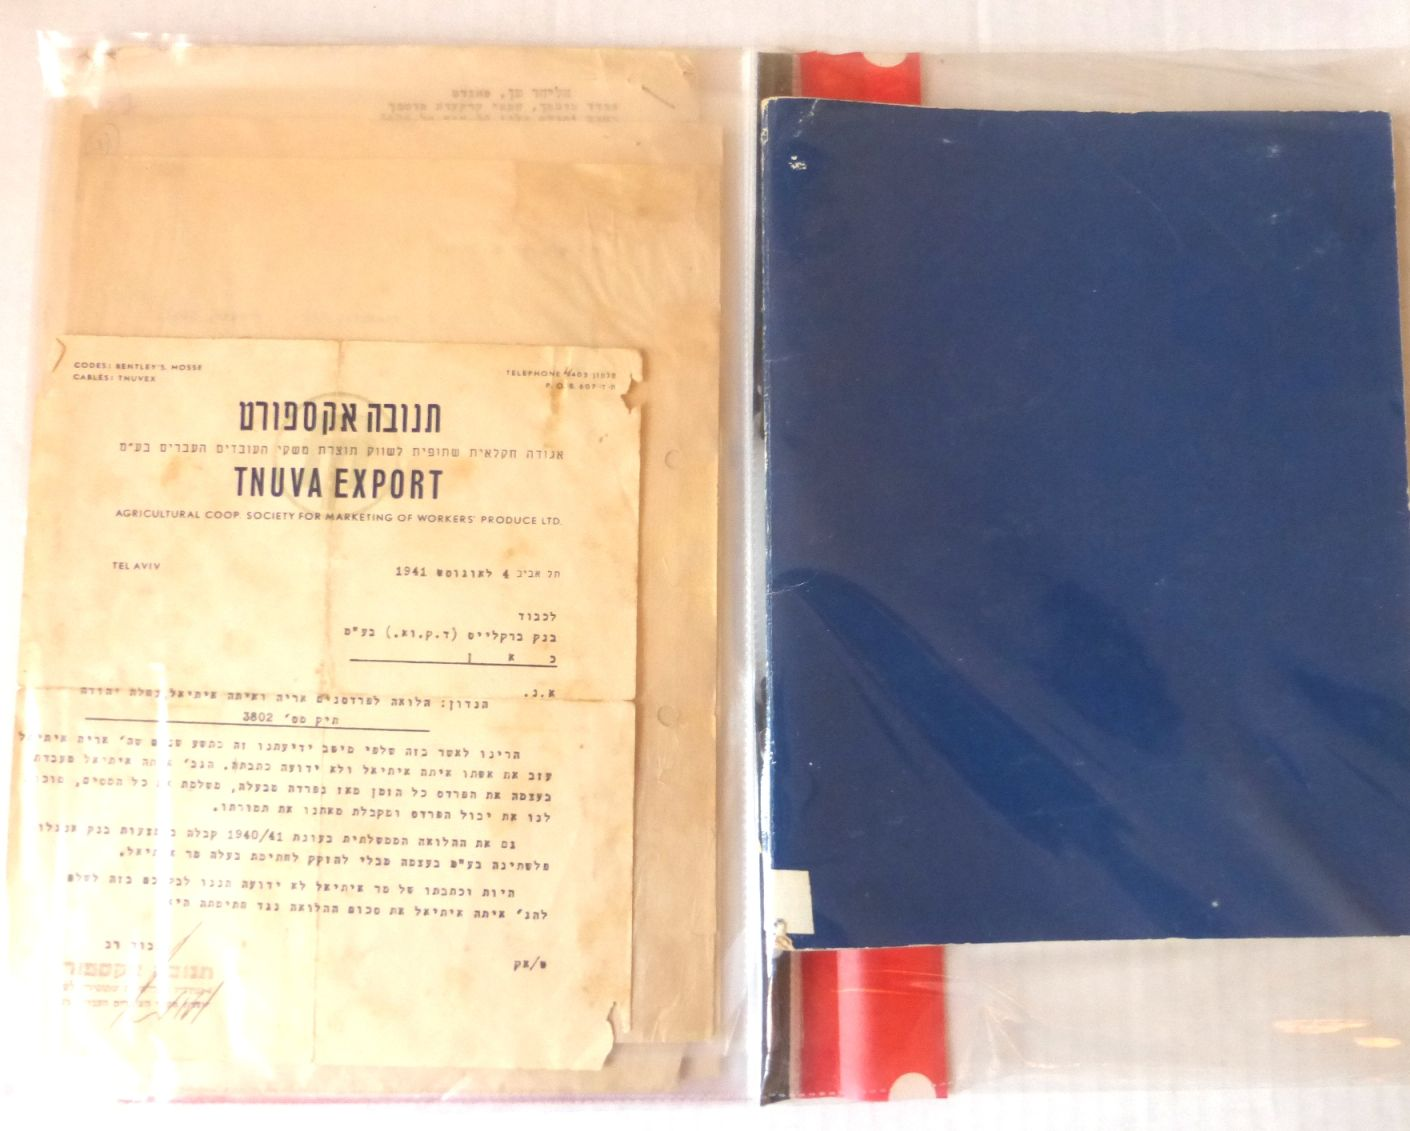 """לוט 25 מסמכים ותעודות בעניין תנובה, החל מ-1941 עד 2005, וכן דין וחשבון מרכז תנובה משנת תשל""""ג"""